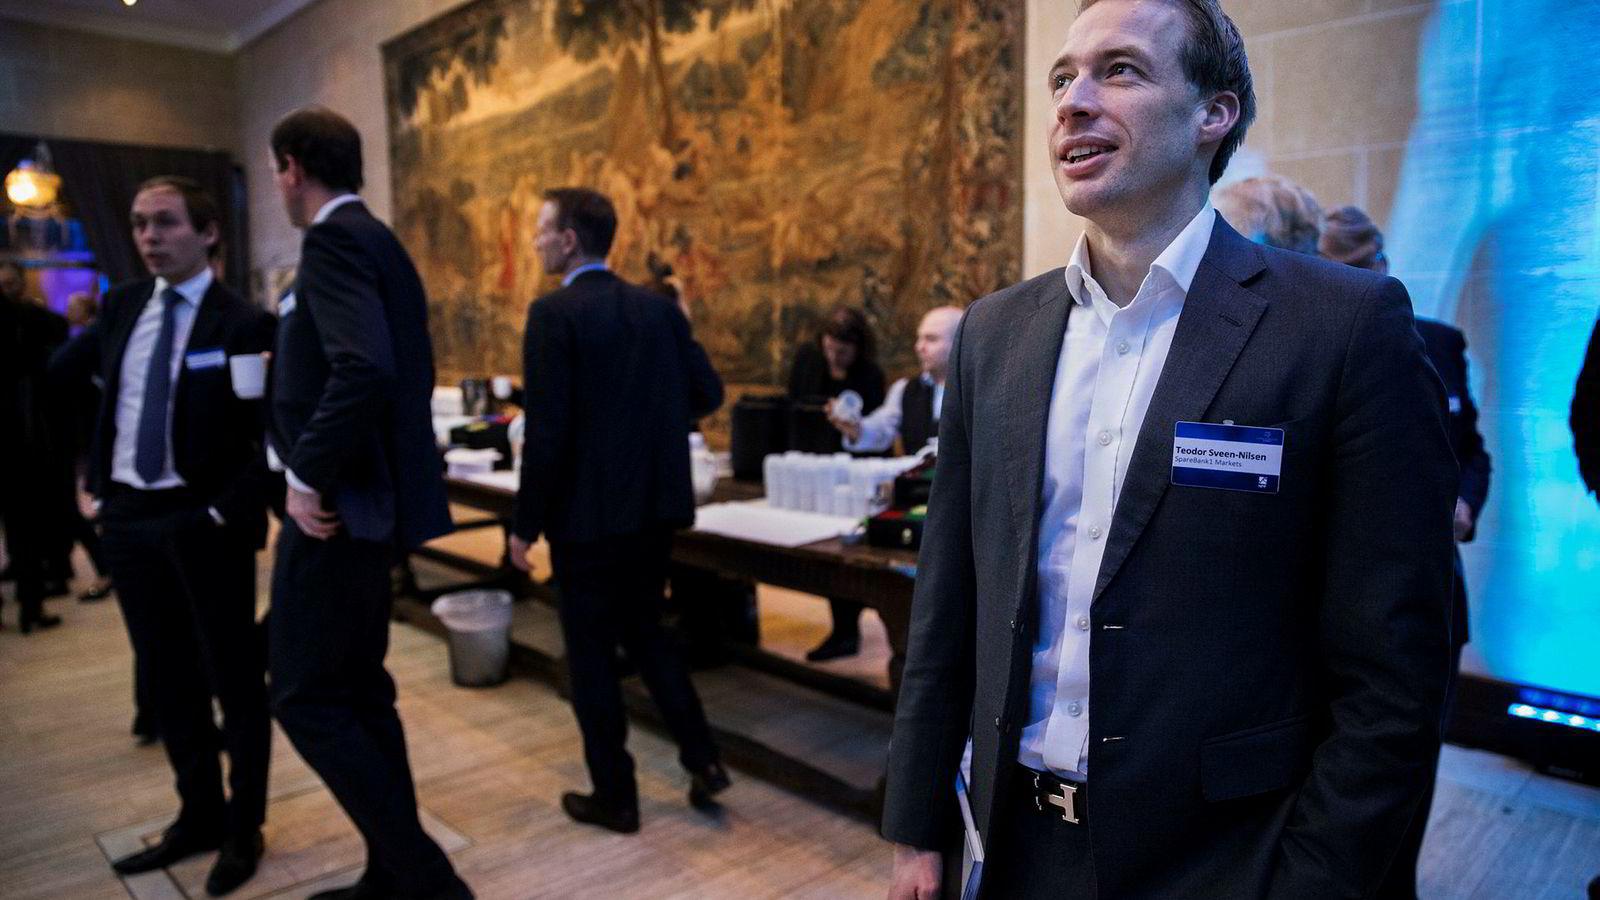 Oljeanalytiker Teodor Sveen-Nilsen i Sparebank 1 Markets har pekt ut et knippe selskaper han mener investorene burde fortsette å sitte posisjonert i.